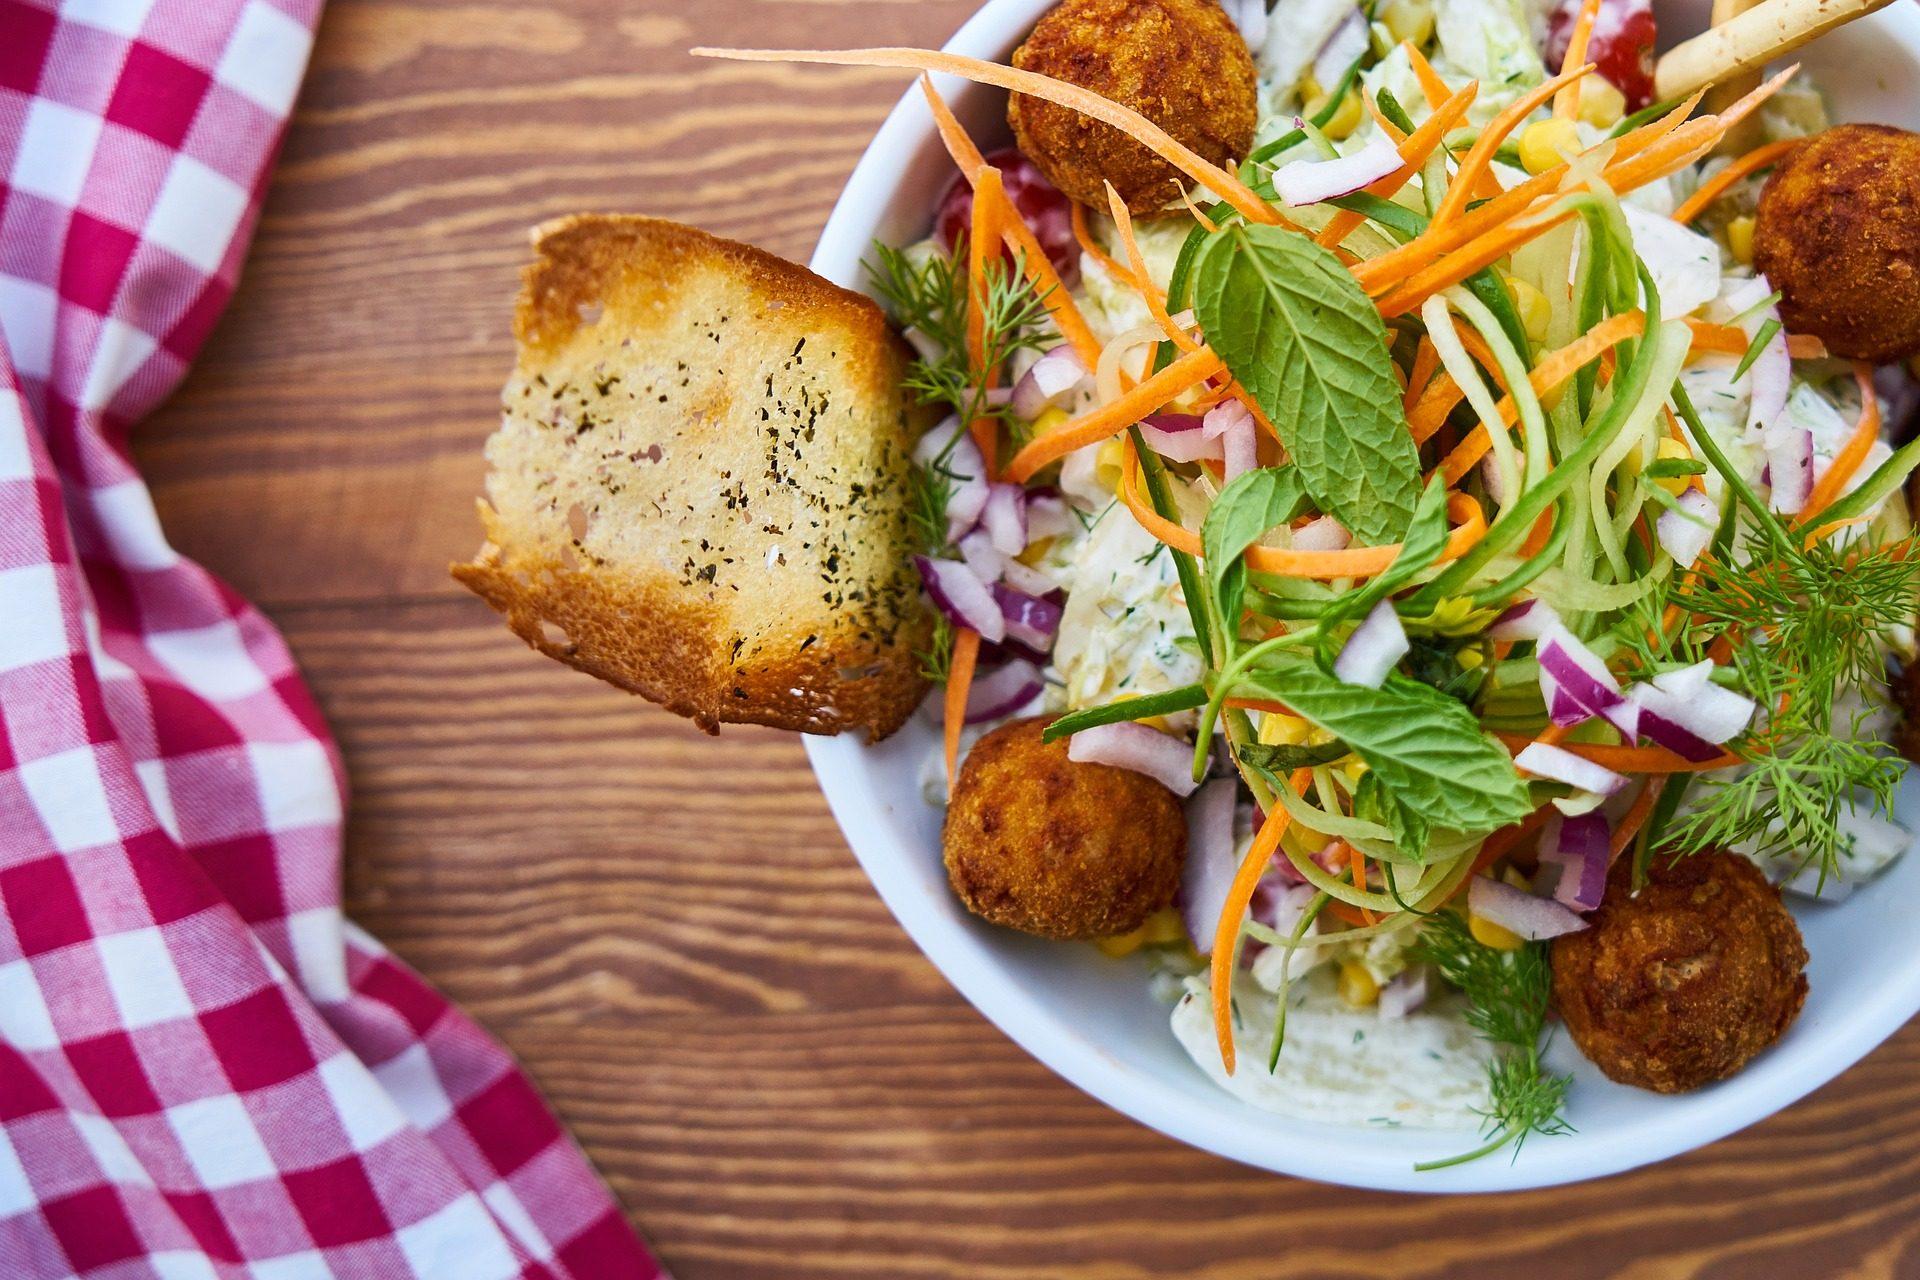 Salada, pão, Cebola, cenoura, saudável - Papéis de parede HD - Professor-falken.com